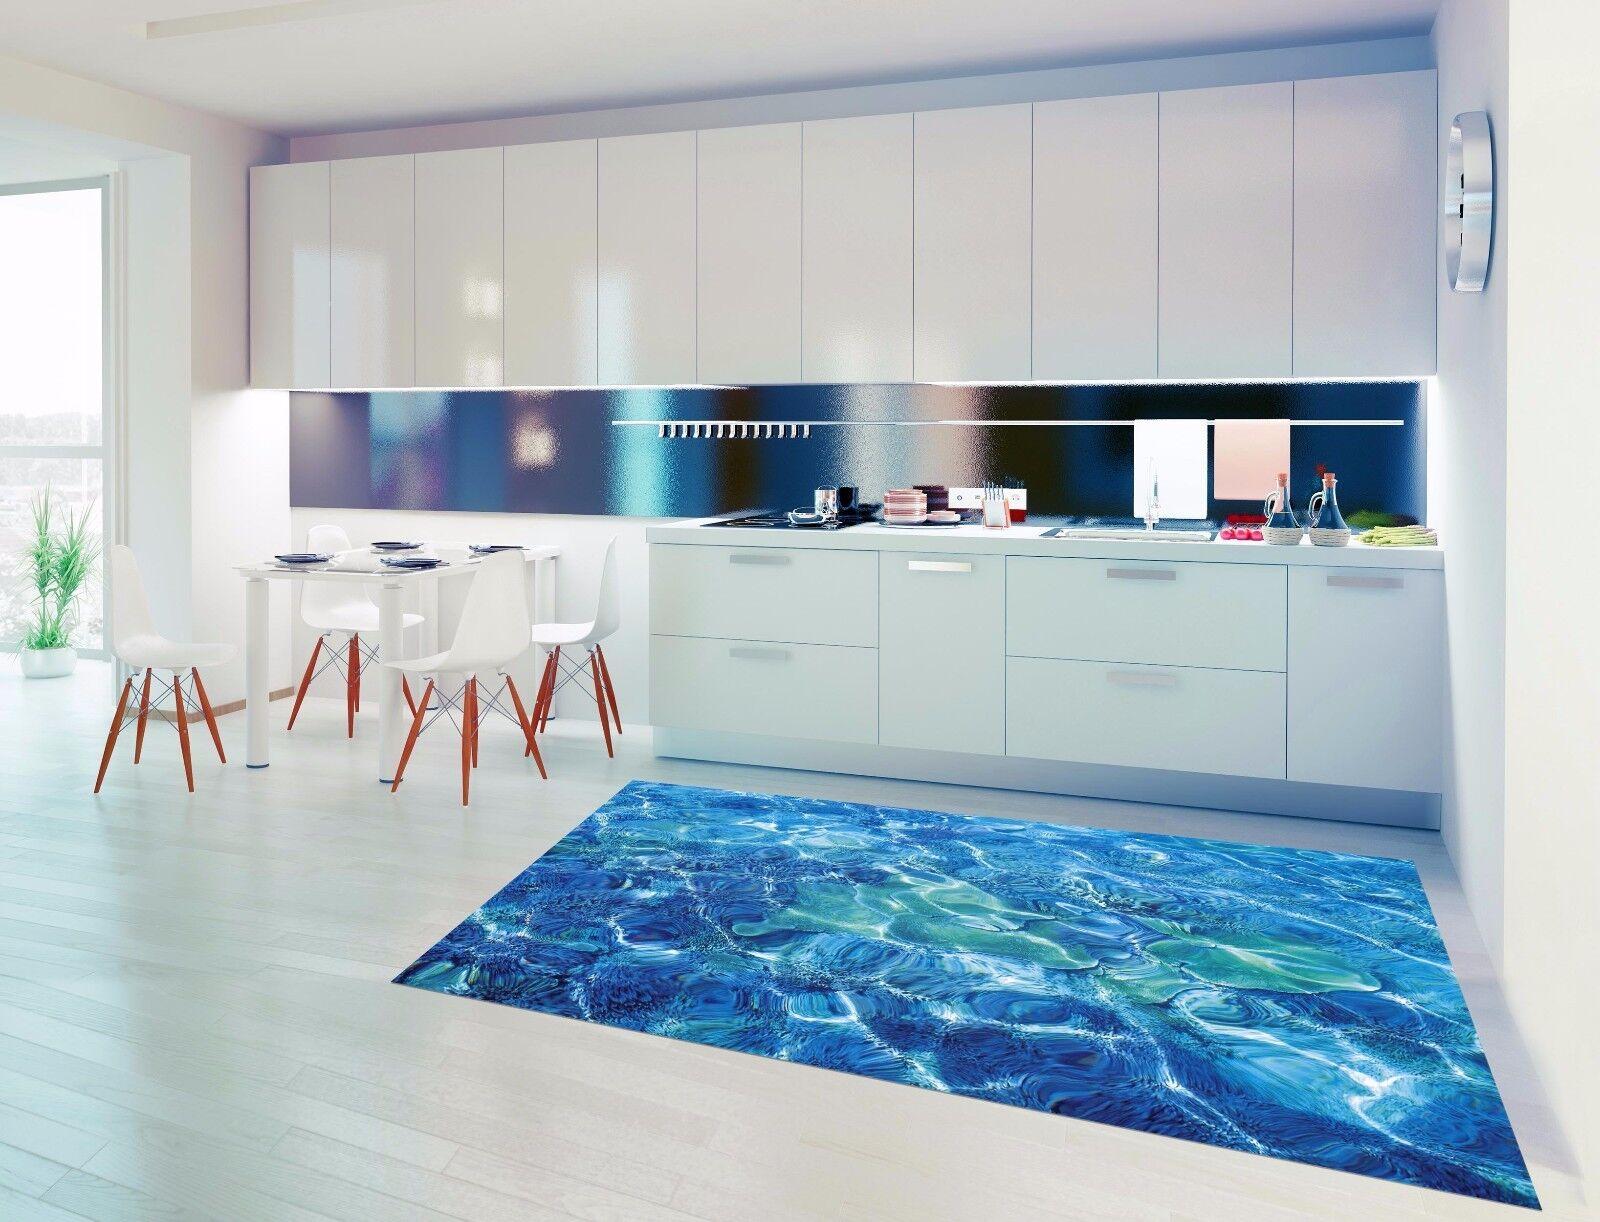 3D Blau Ripple 84 Kitchen Mat Floor Murals Wall Print Wall AJ WALLPAPER UK Kyra